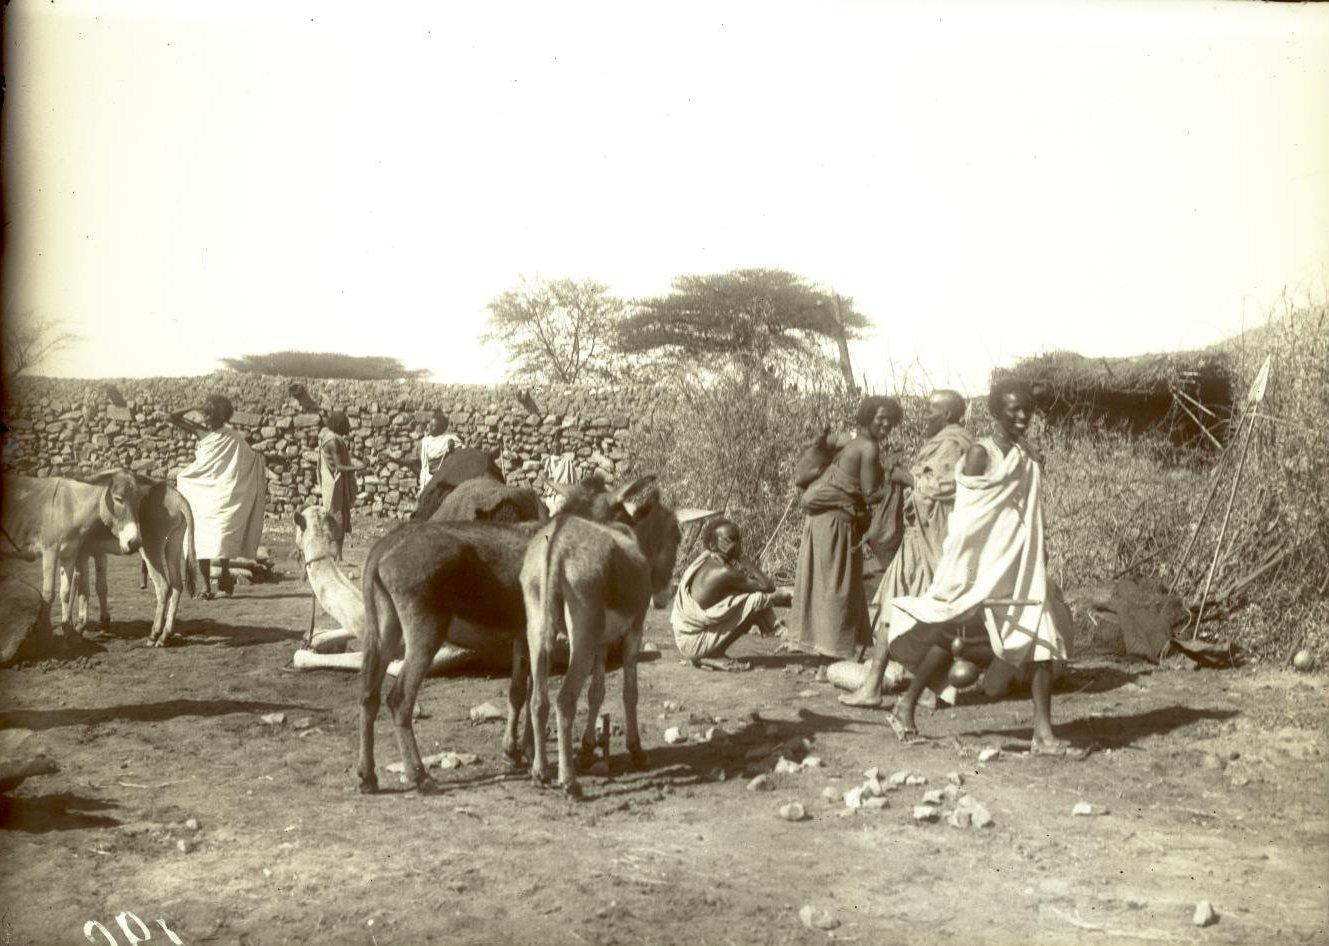 190. 1899. Абиссиния. Гильдесса. Уголок на базаре